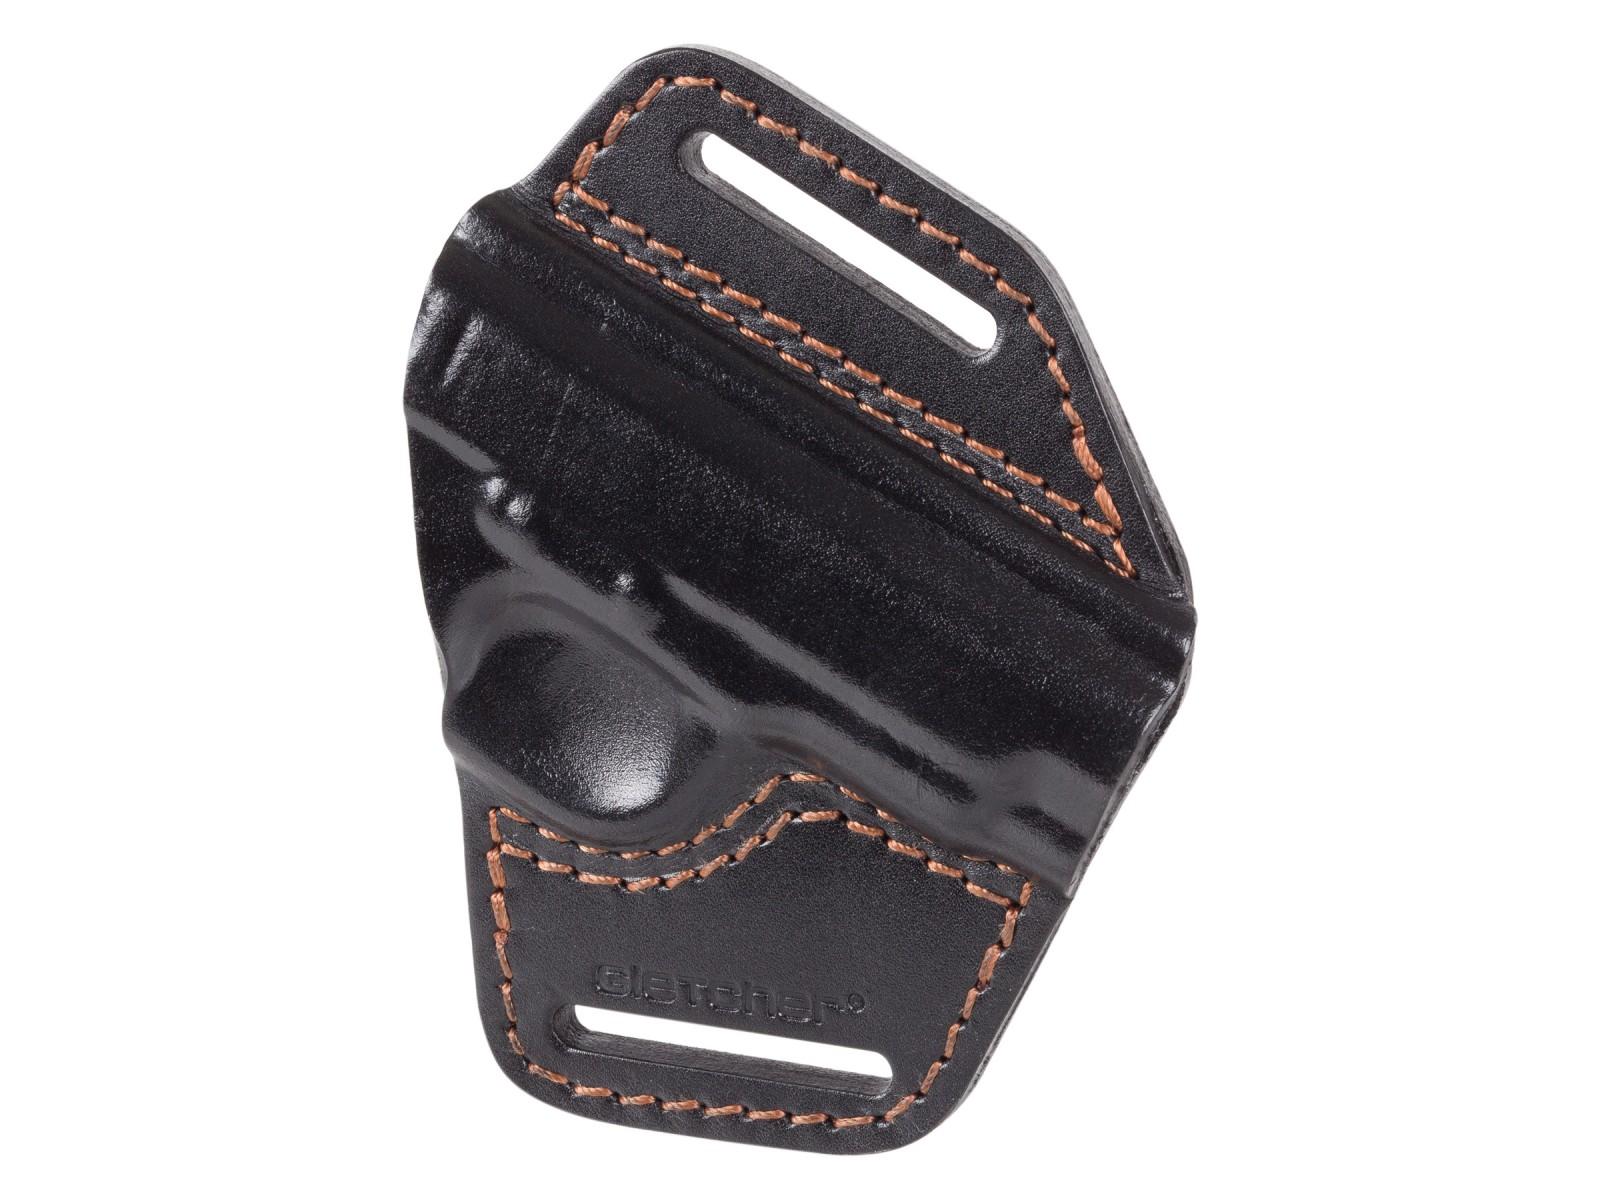 Gletcher TT Leather Belt Holster, Black